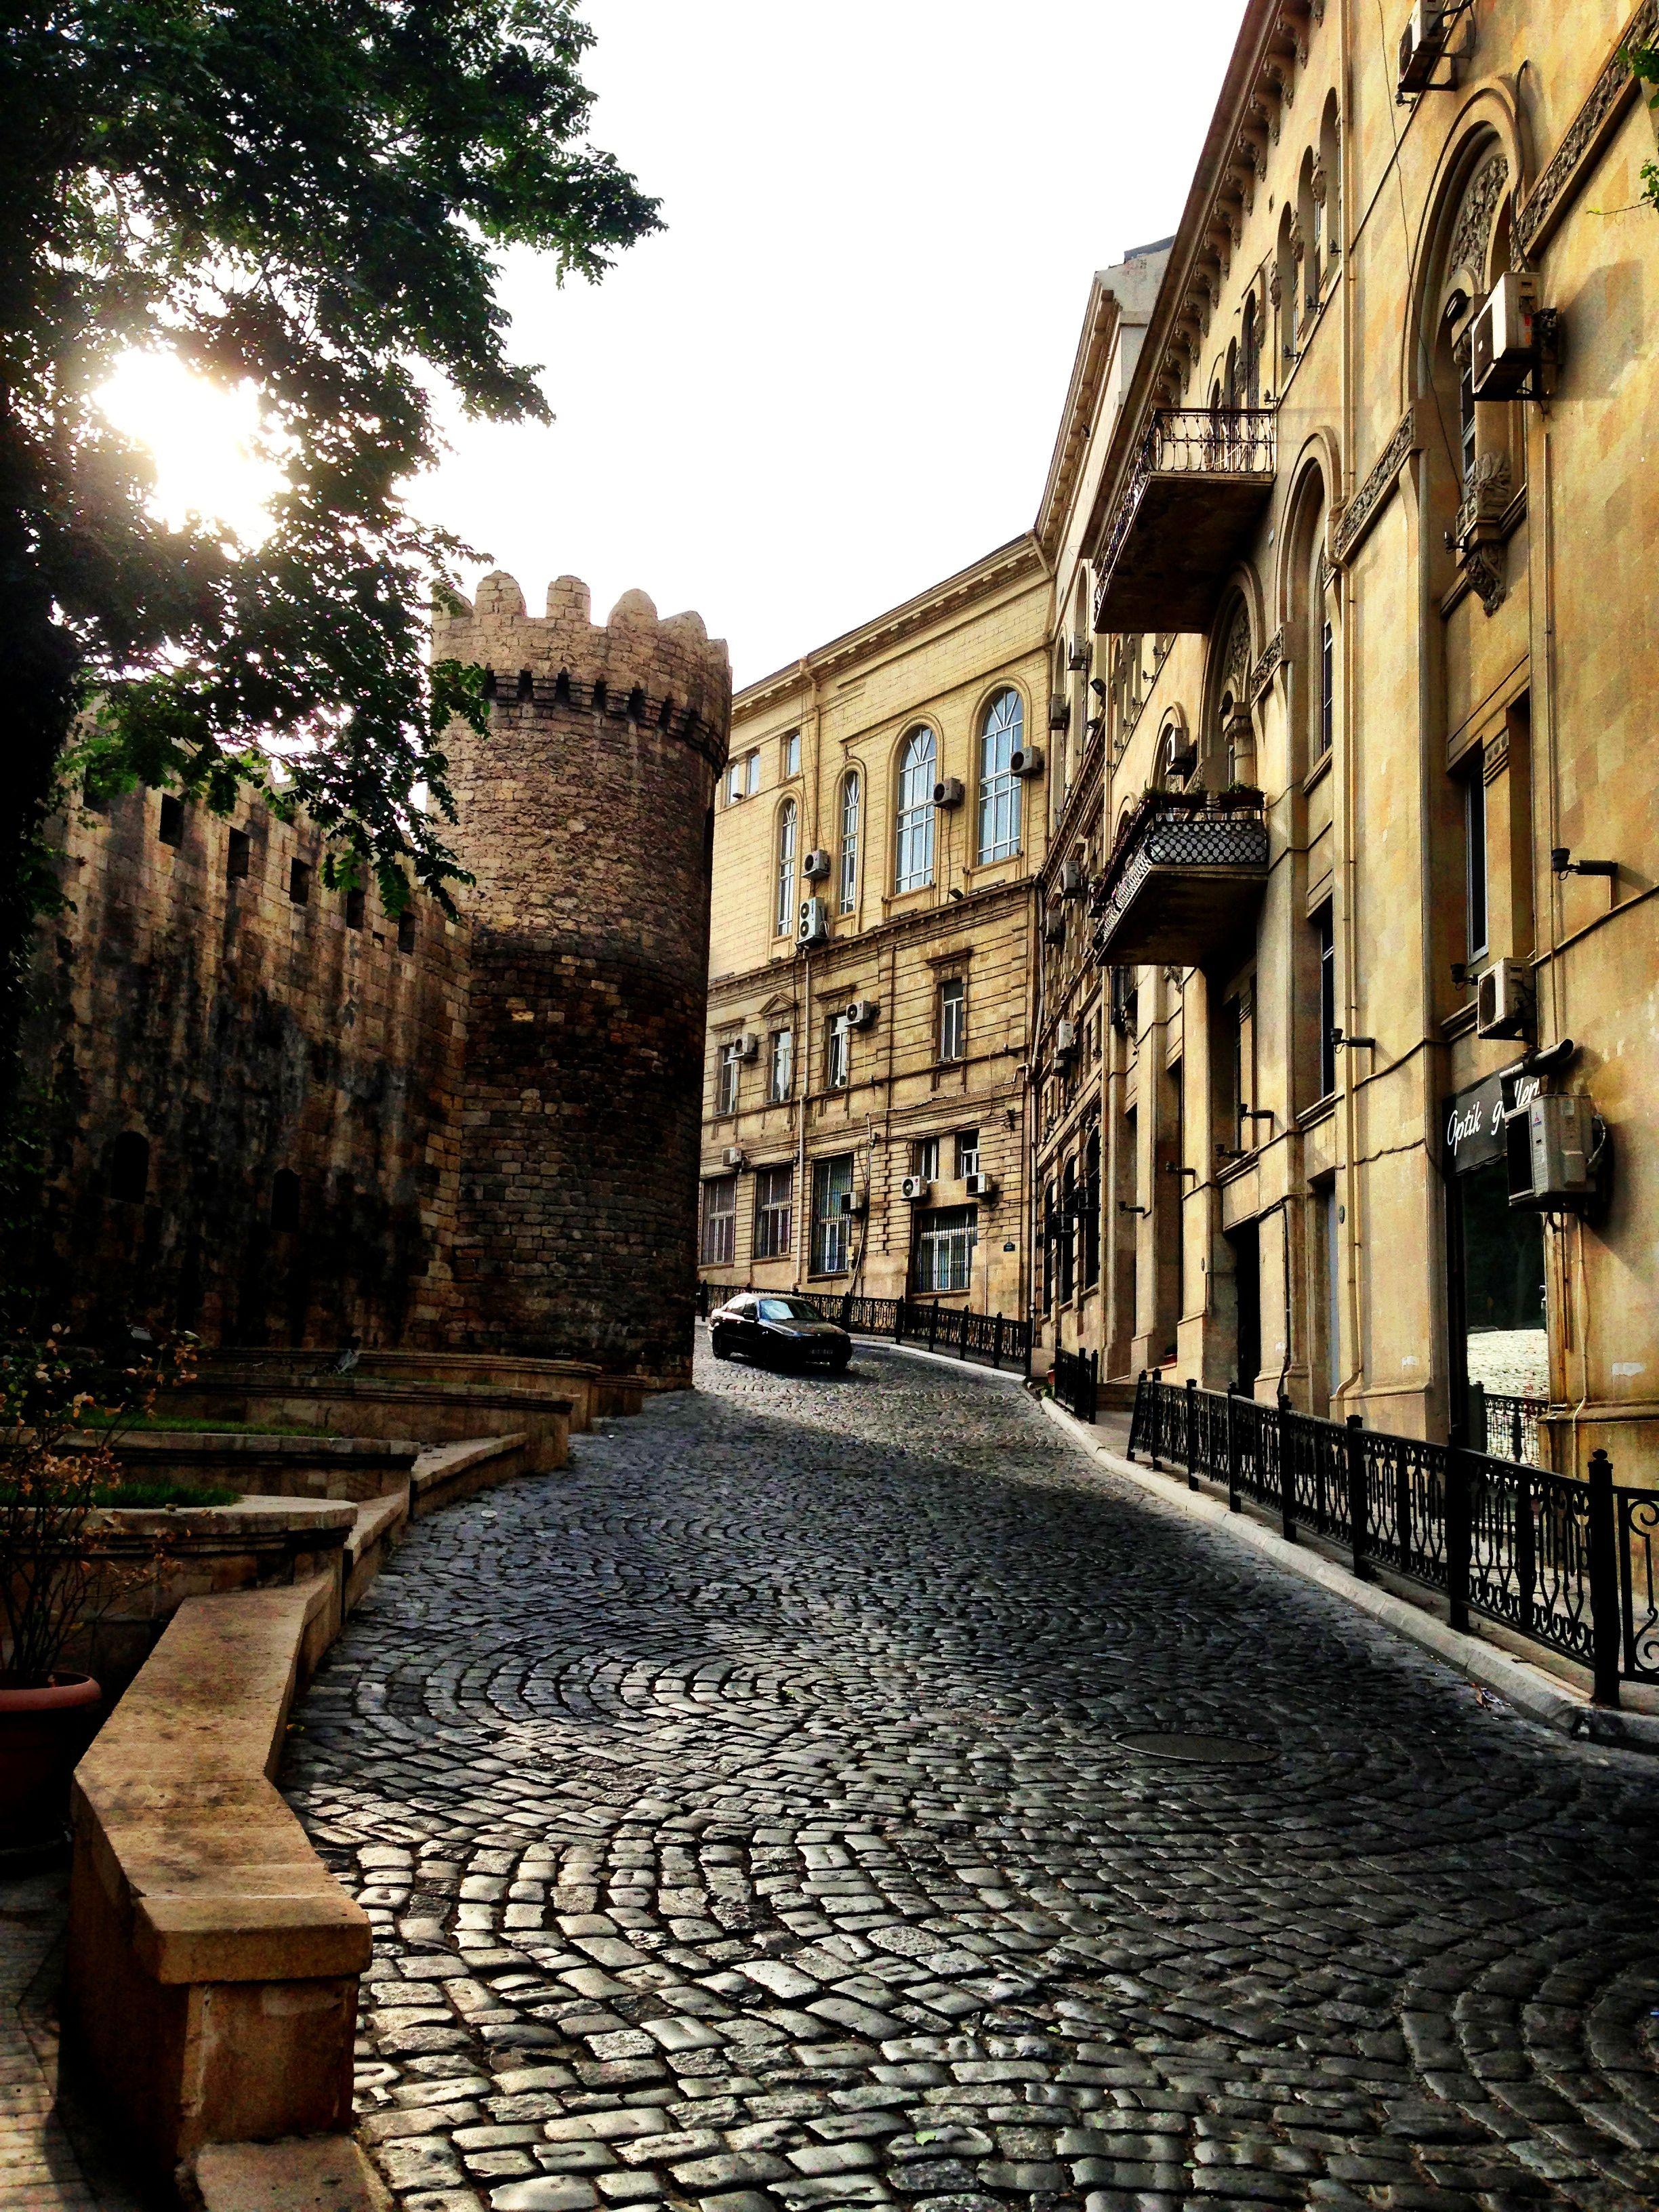 Baku, Azerbaijan #ywamcos #ywam #missions #Jesus #inspiration #colorado #worldchangers